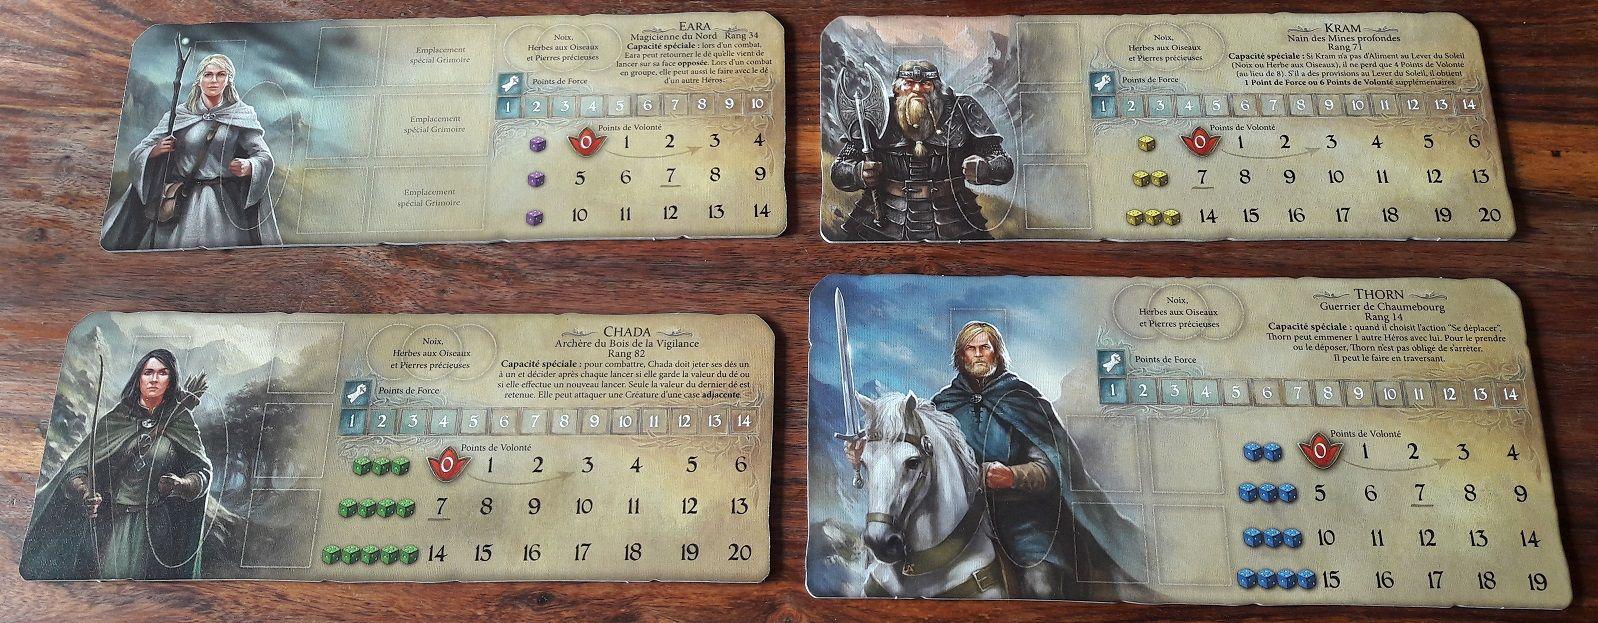 On retrouve nos 4 héros habituels : le guerrier, l'archer, le nain et le sorcier (évidemment disponibles en version masculine et féminine).